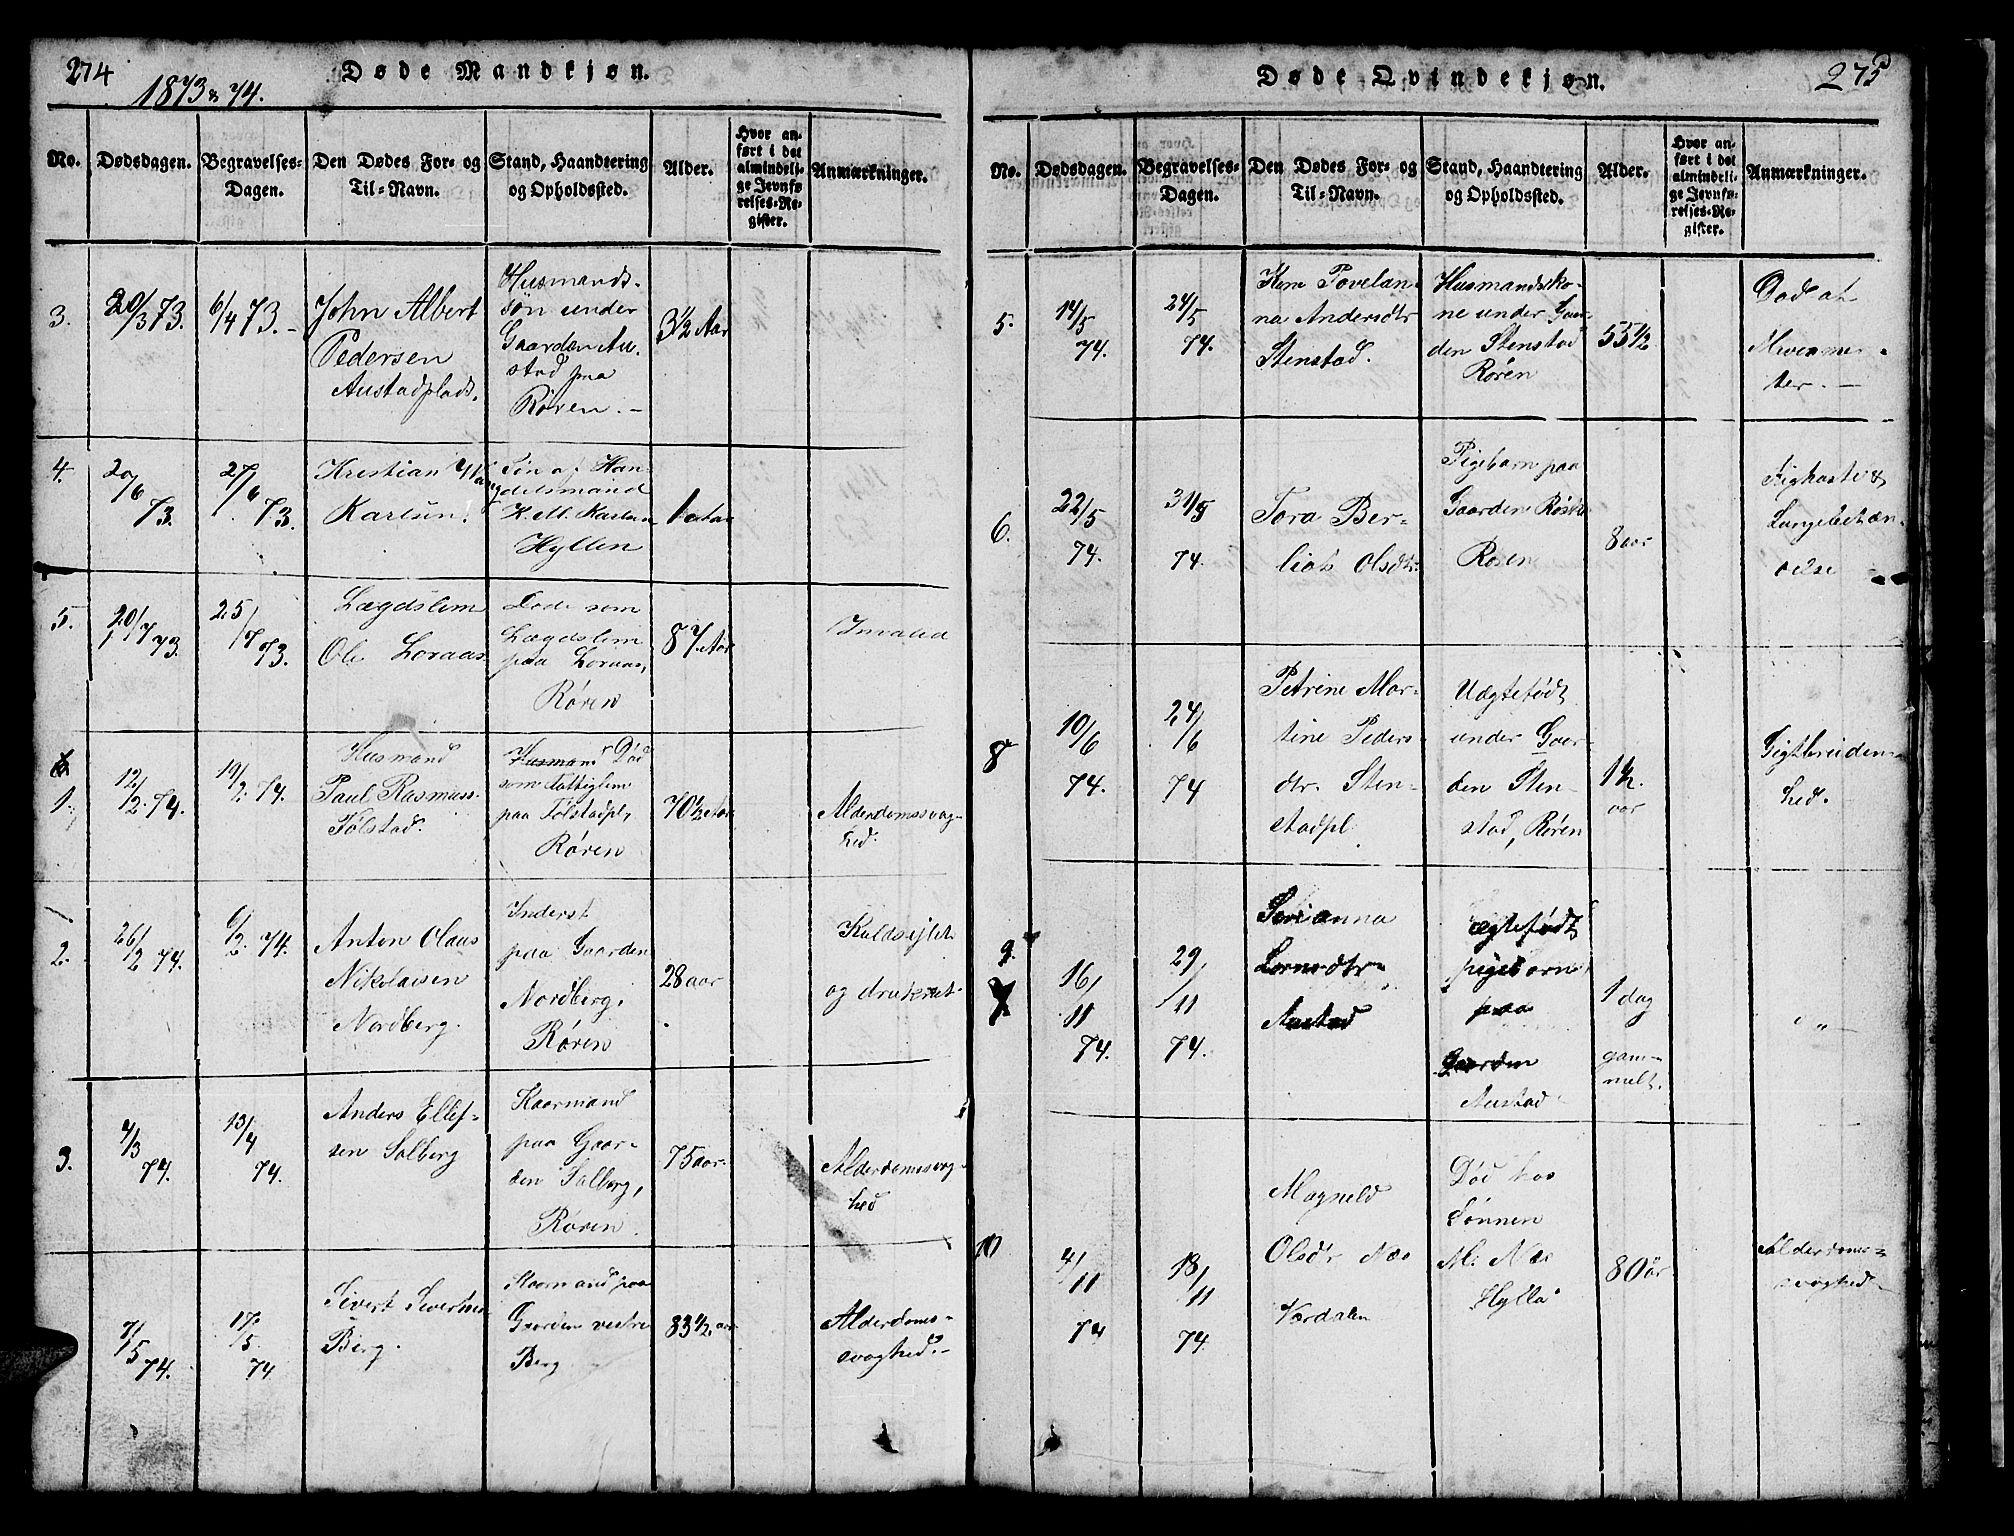 SAT, Ministerialprotokoller, klokkerbøker og fødselsregistre - Nord-Trøndelag, 731/L0310: Klokkerbok nr. 731C01, 1816-1874, s. 274-275